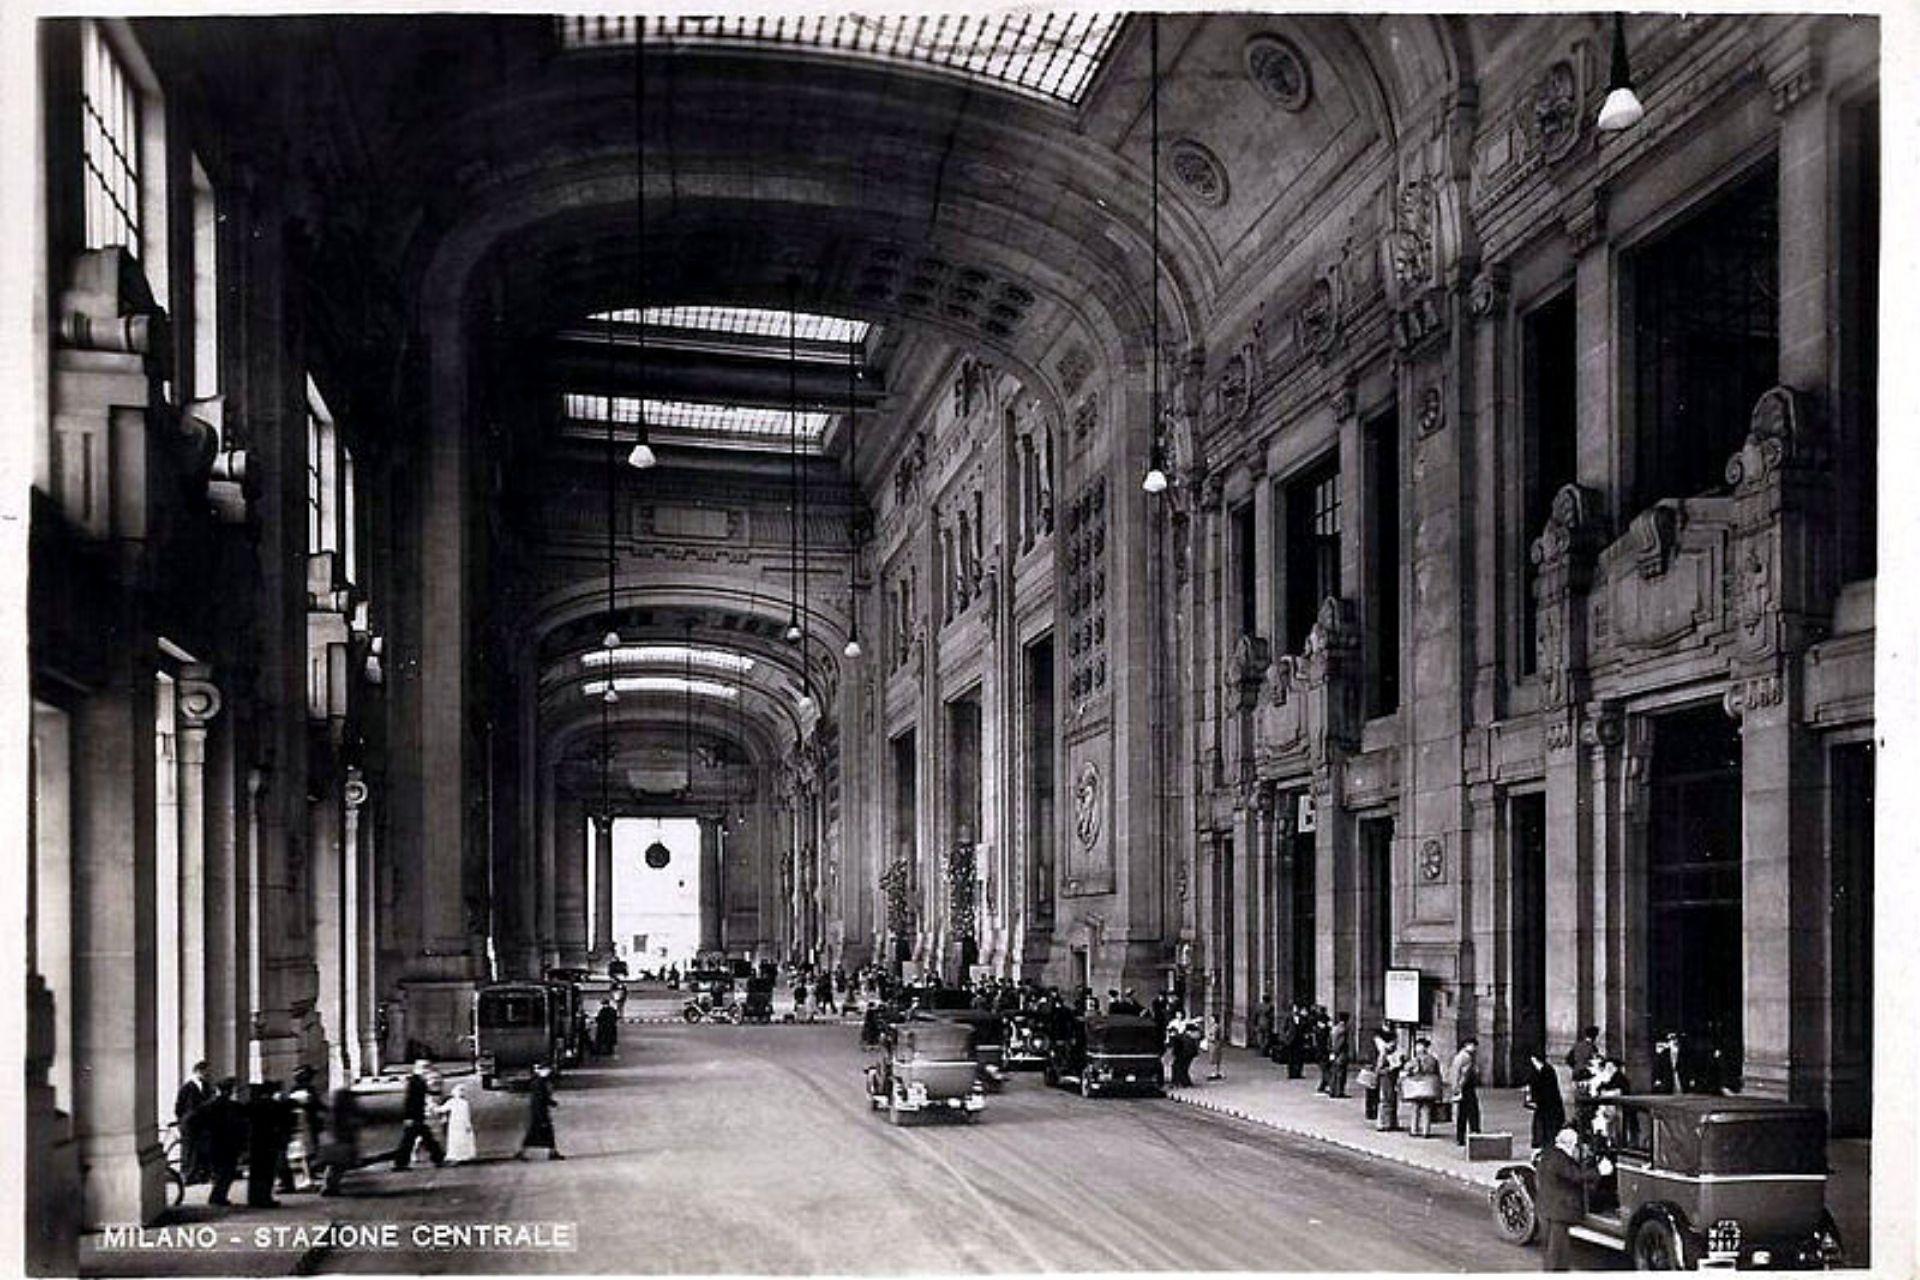 Visita guidata Padiglioni Reale Stazione Centrale